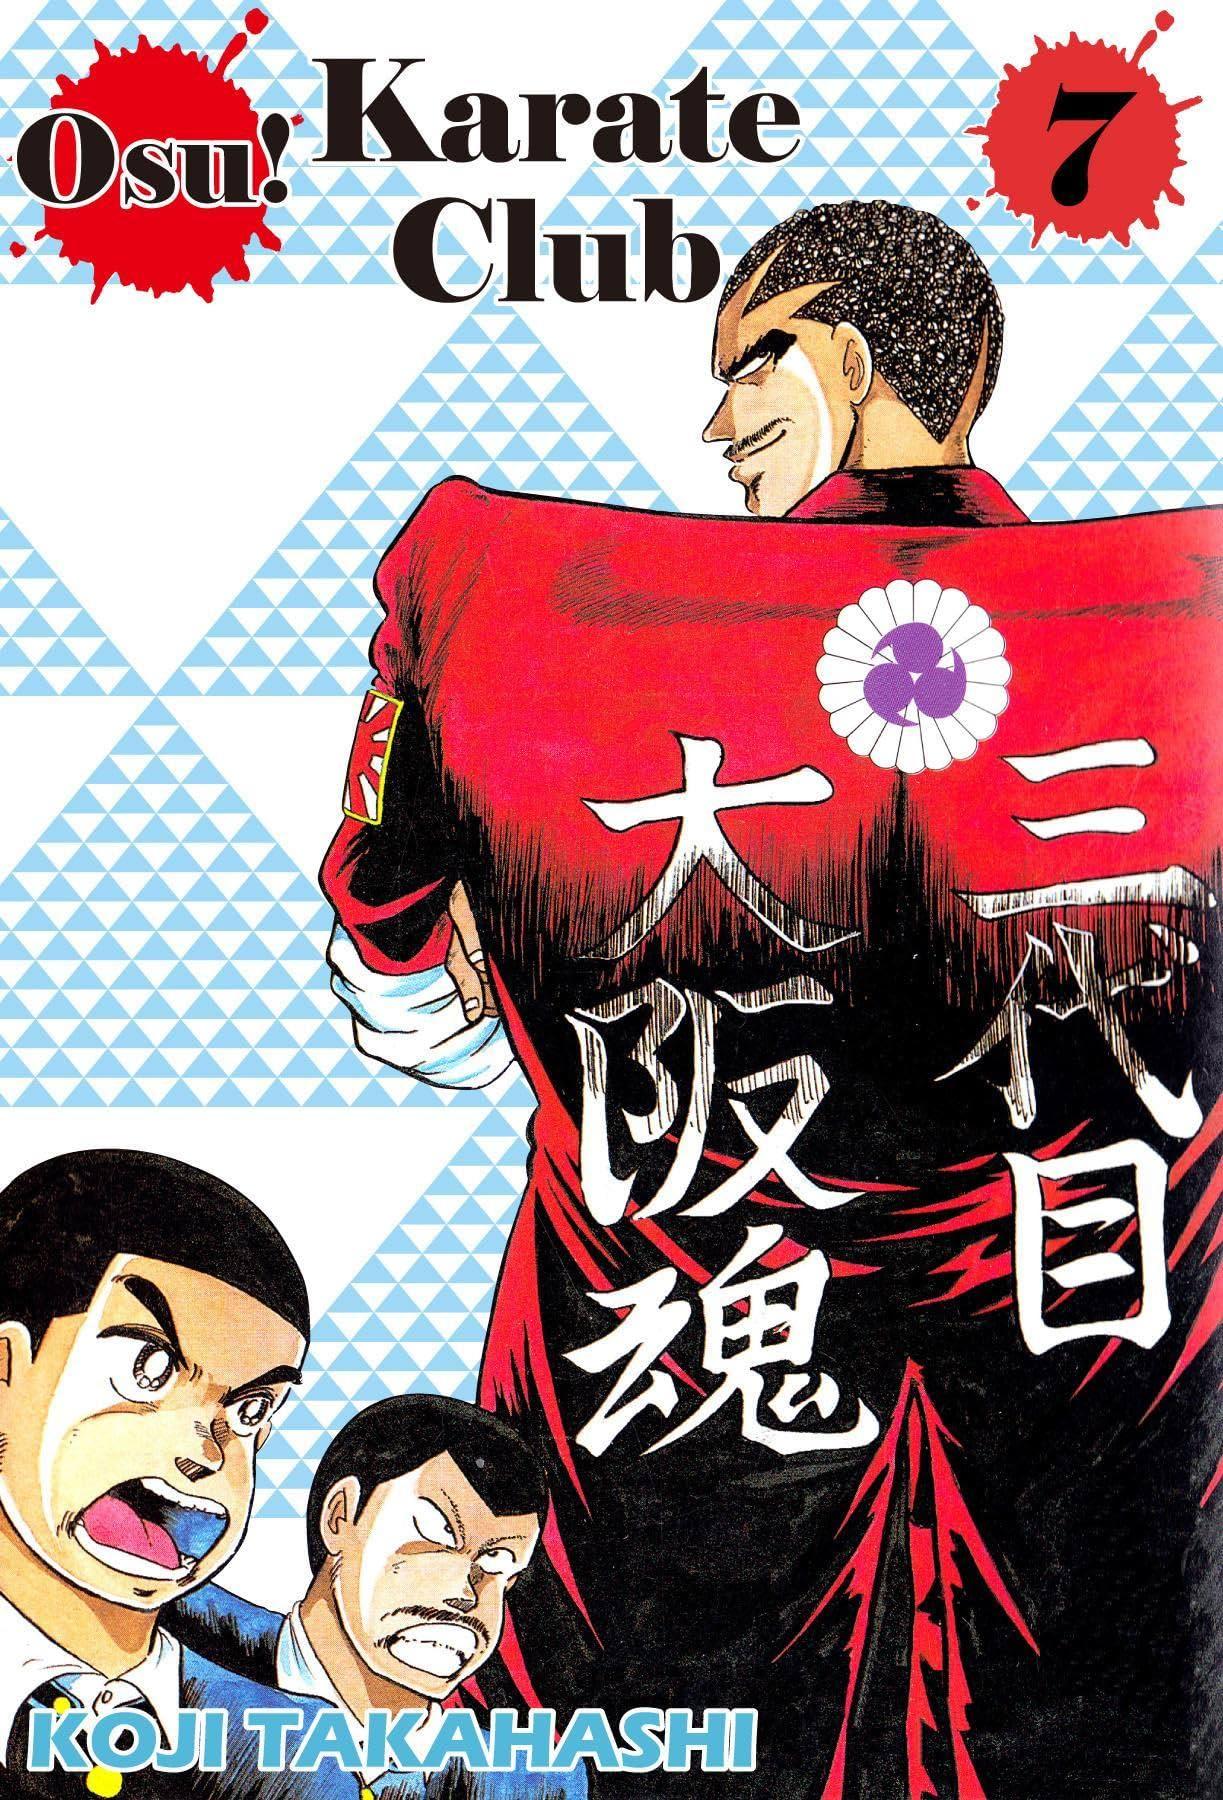 Osu! Karate Club Vol. 7